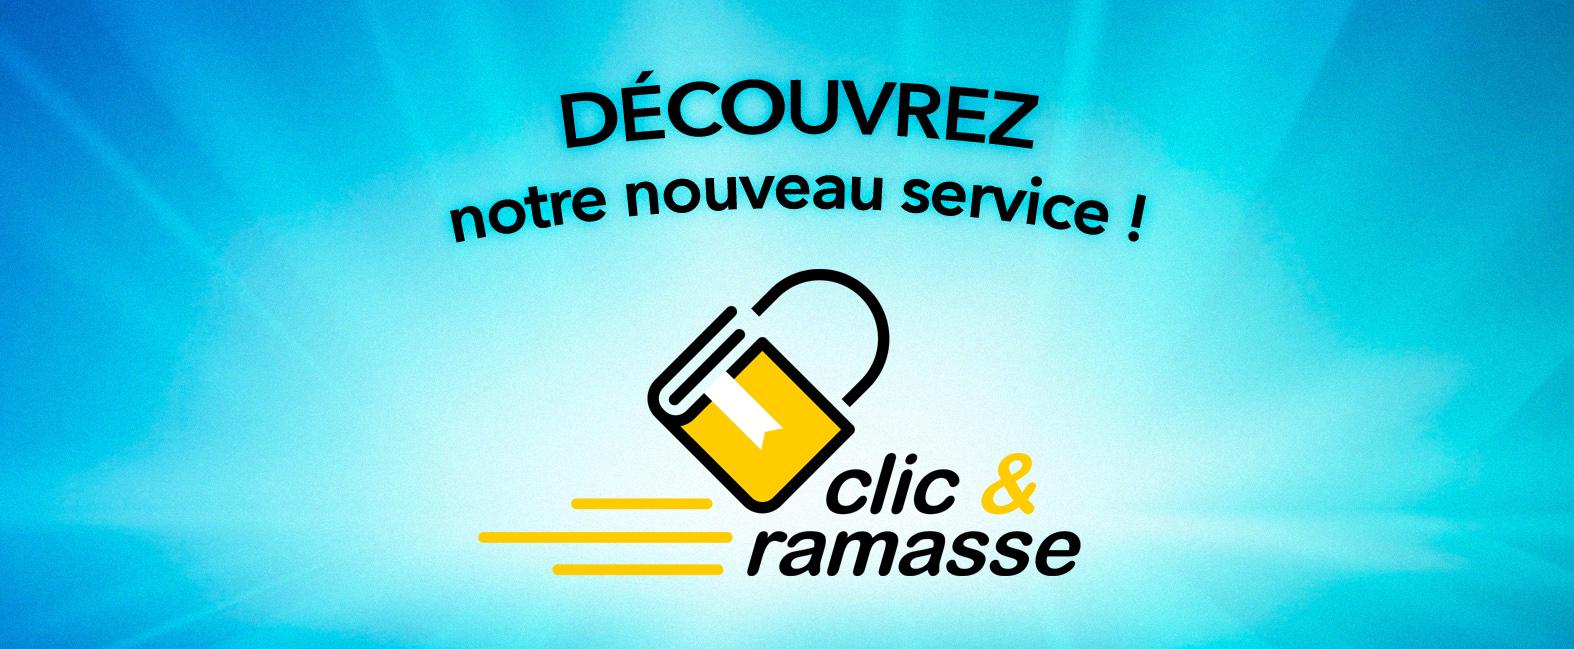 Banniere-clic__ramasse